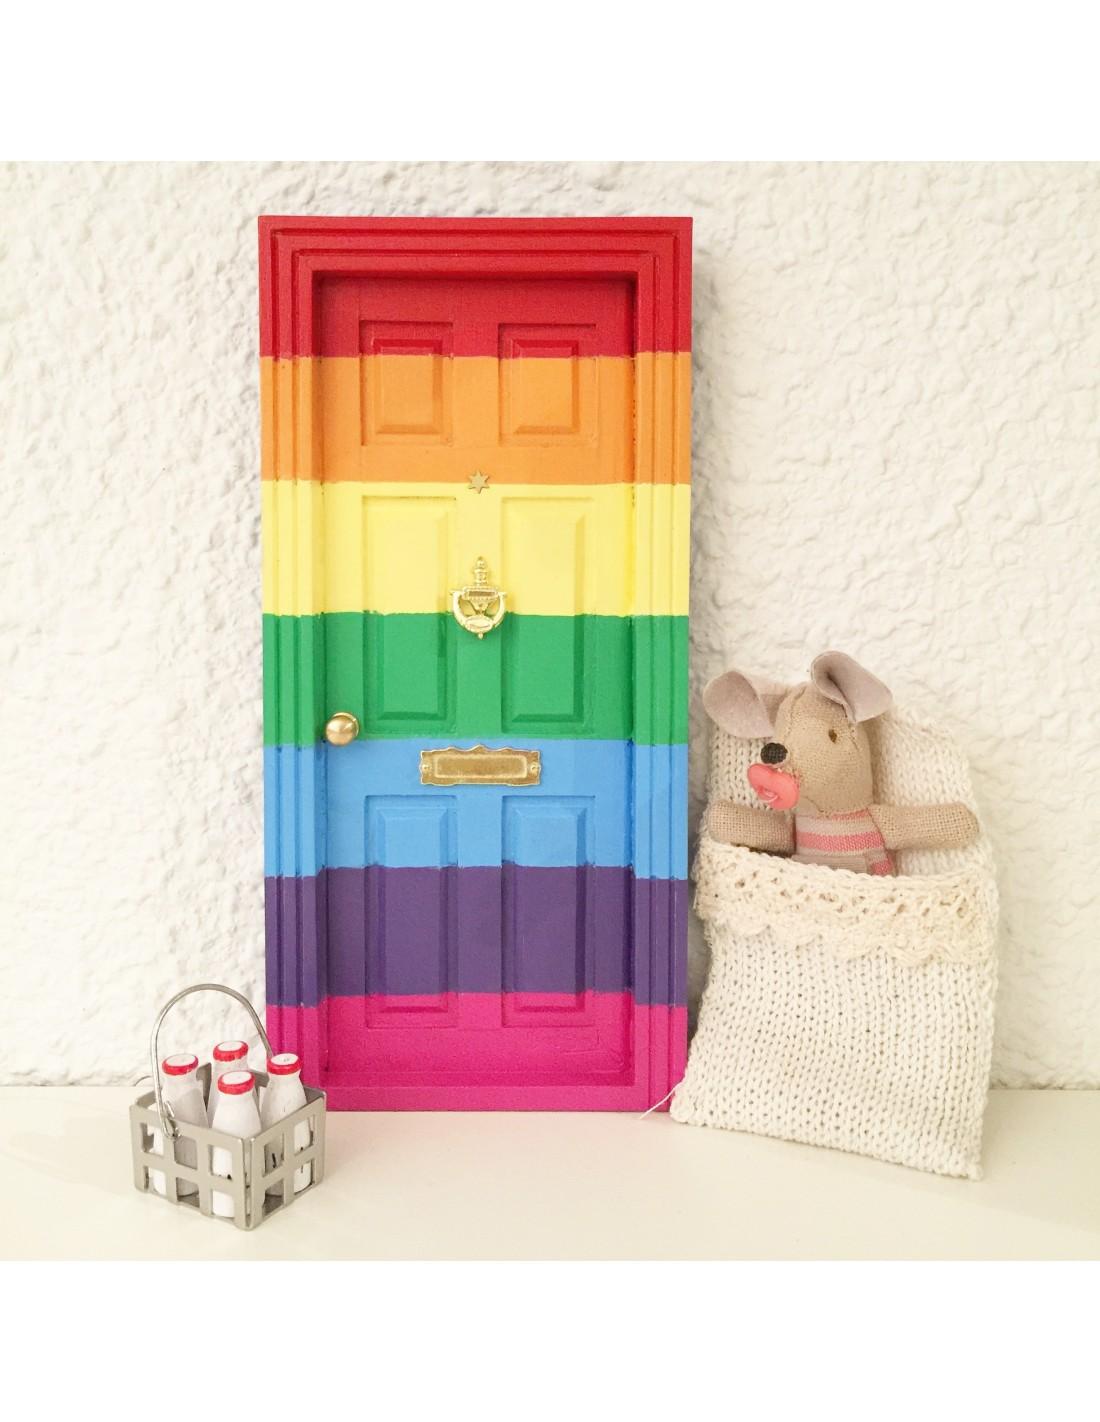 Puerta ratoncito p rez arcoiris oui oui for Puerta raton perez